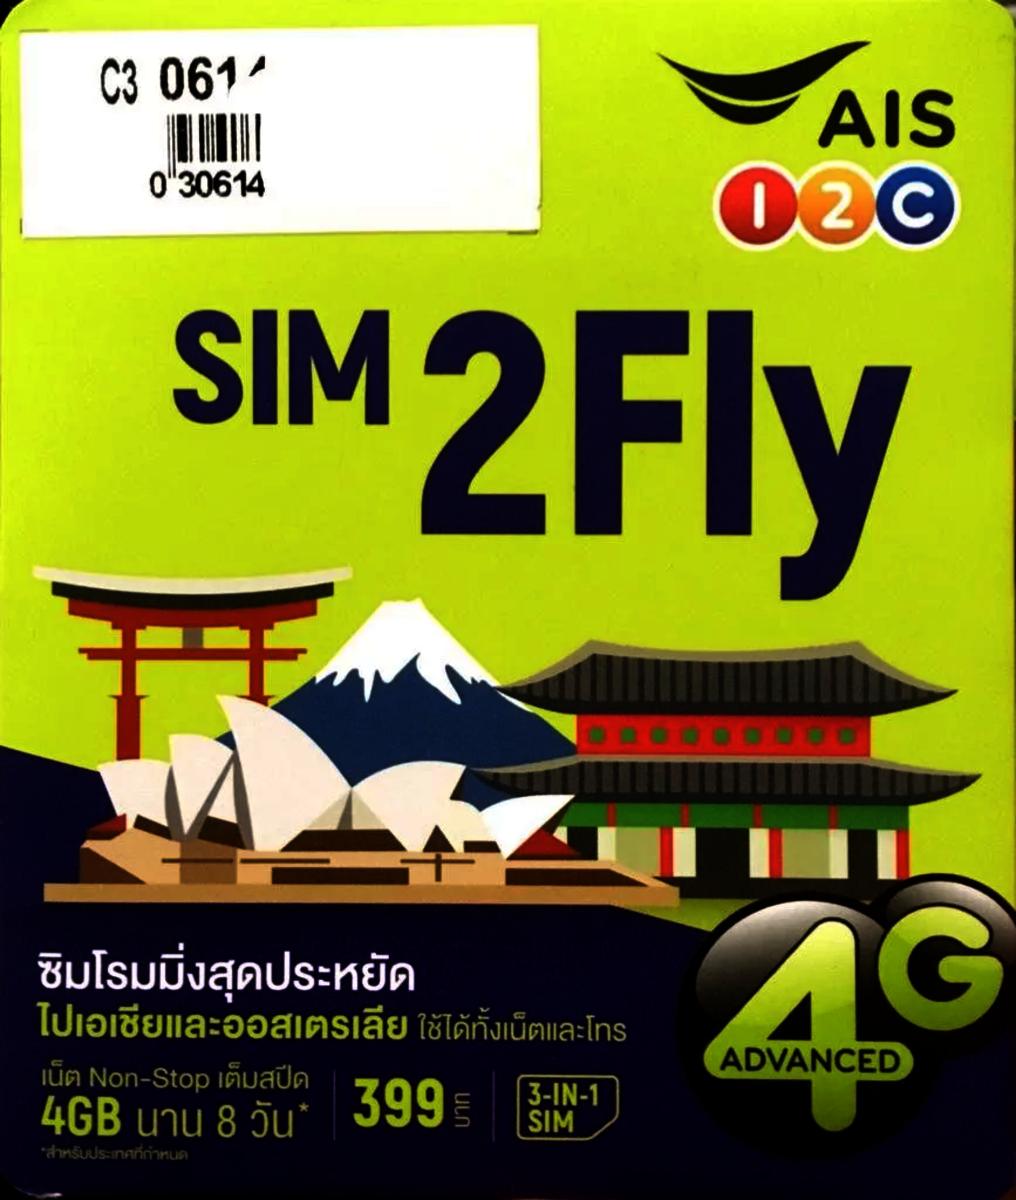 WOW! x AIS | AIS SIM 2Fly 4G/3G 4GB unlimited Asia 14